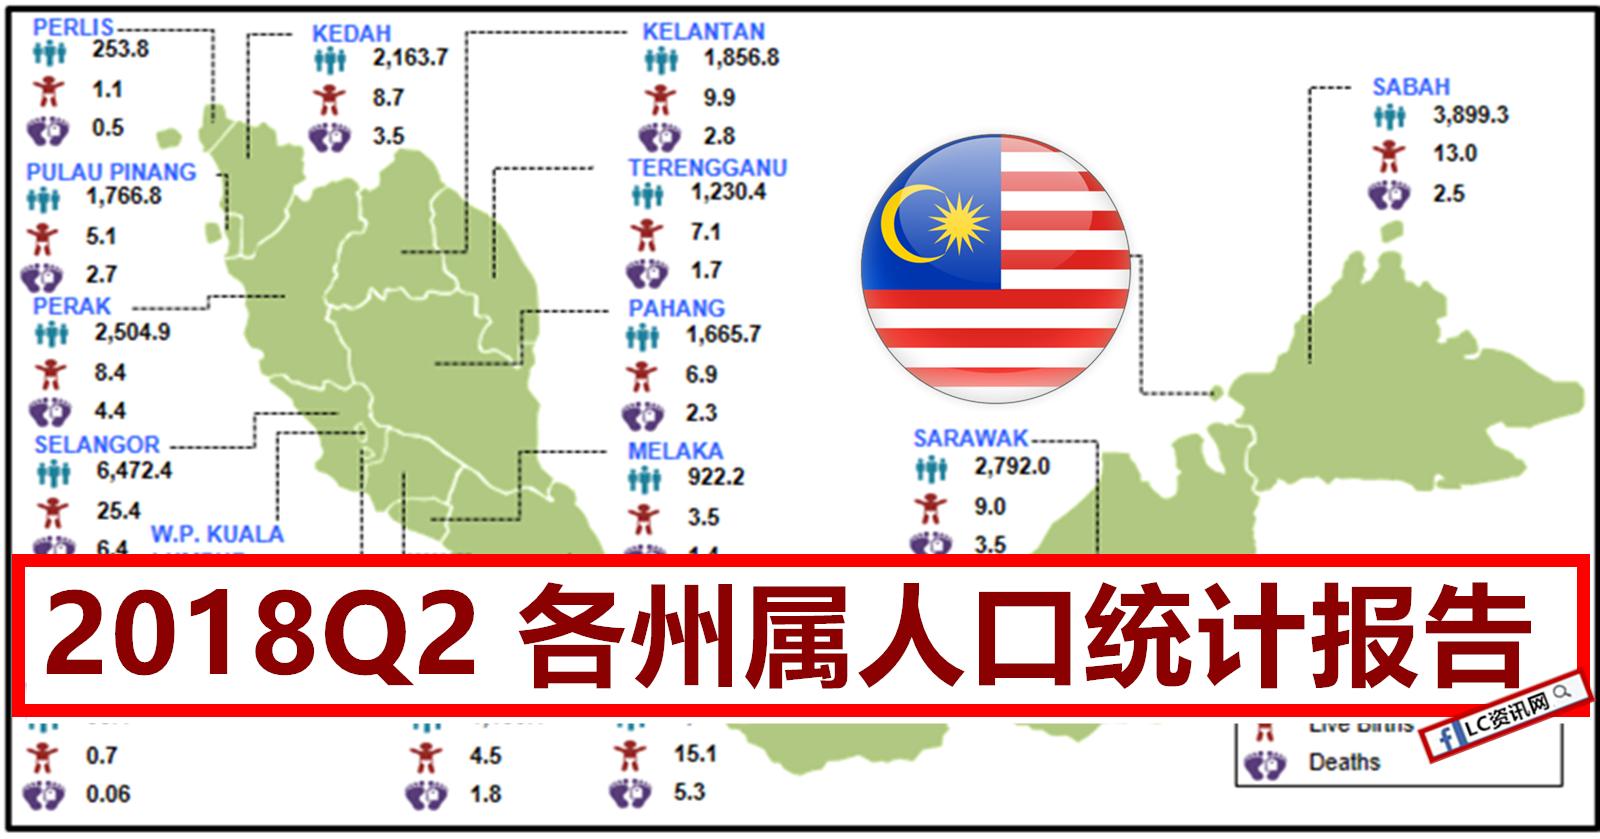 2018第二季度馬來西亞人口統計報告 | LC 小傢伙綜合網